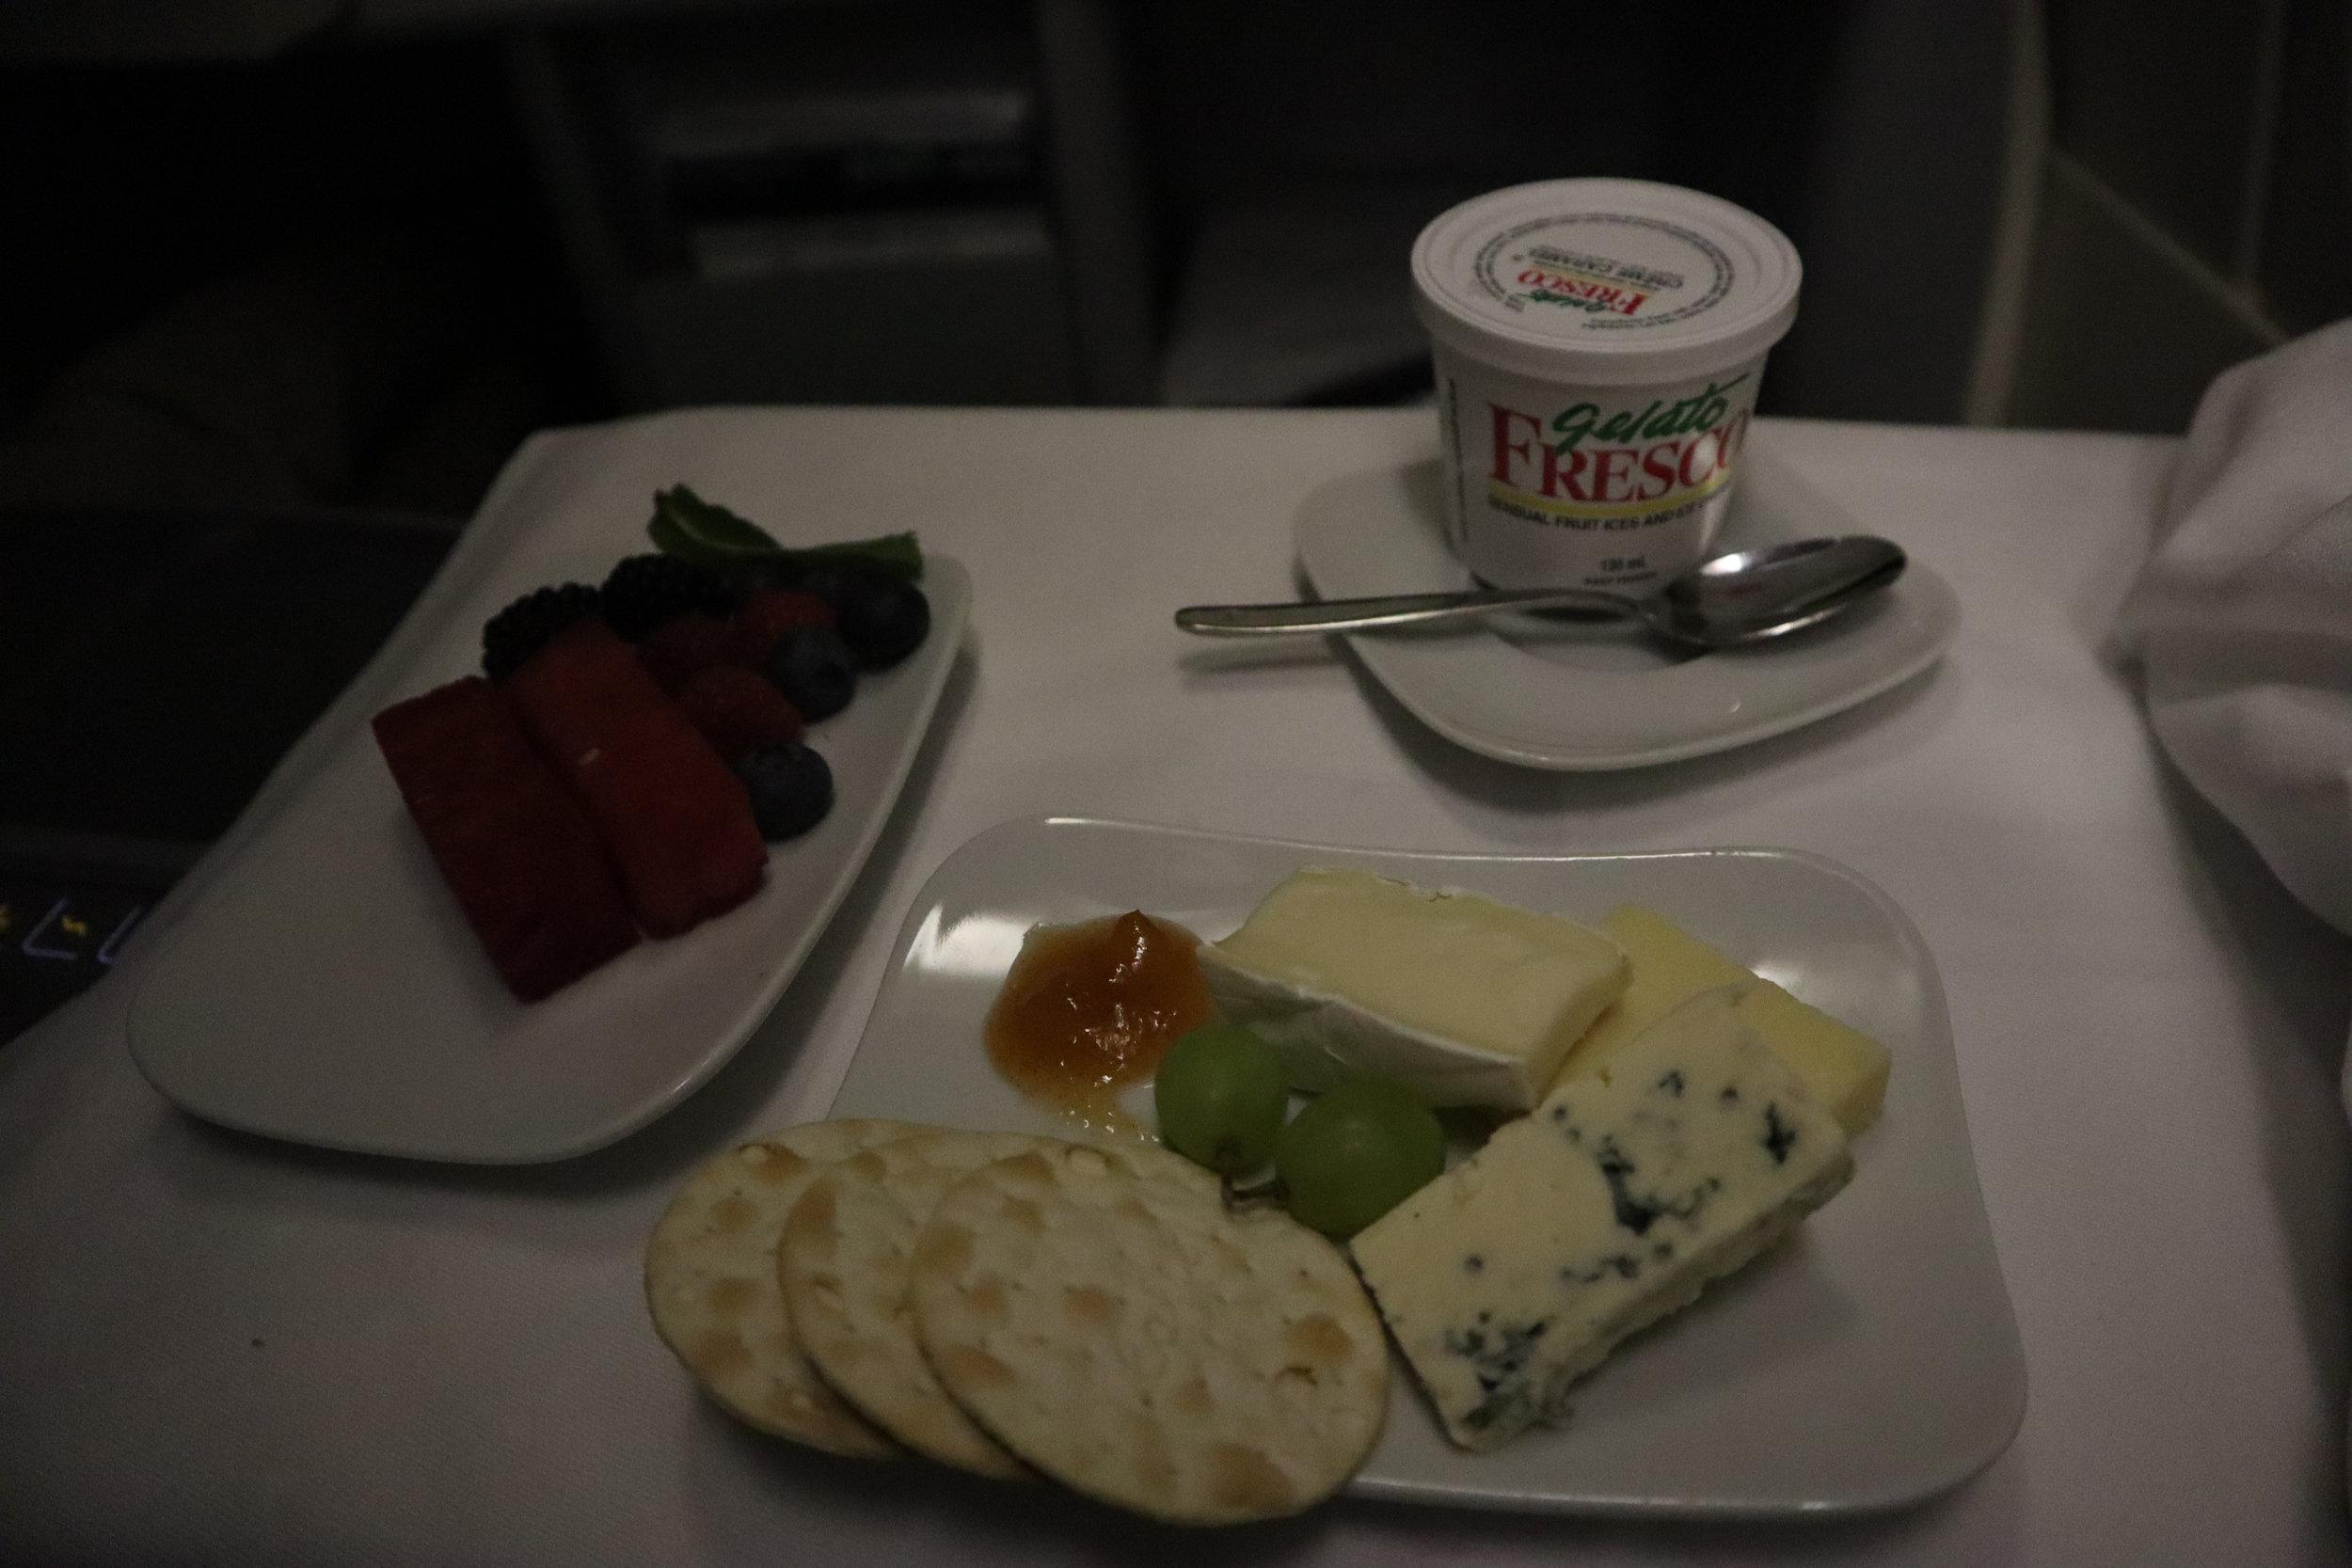 Lufthansa 747-400 business class – Cheese and dessert